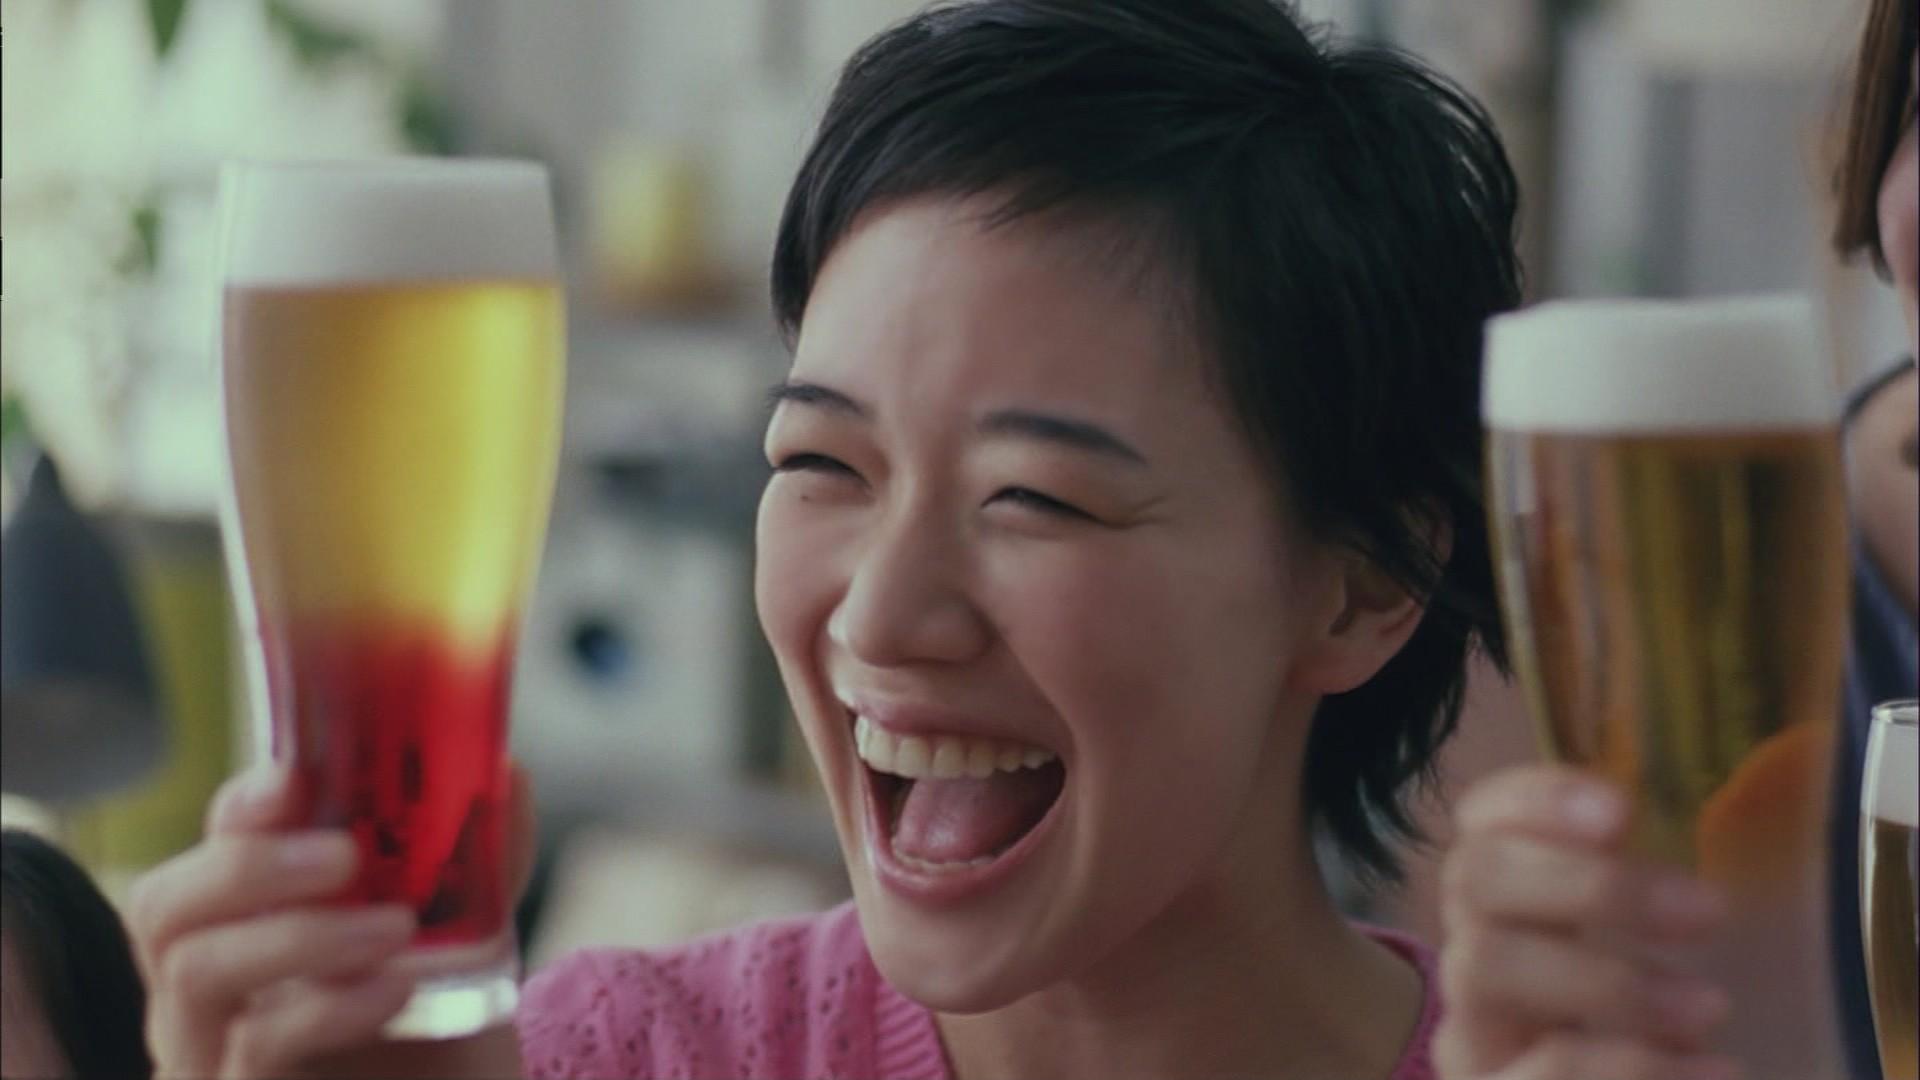 ビールで乾杯をする蒼井優